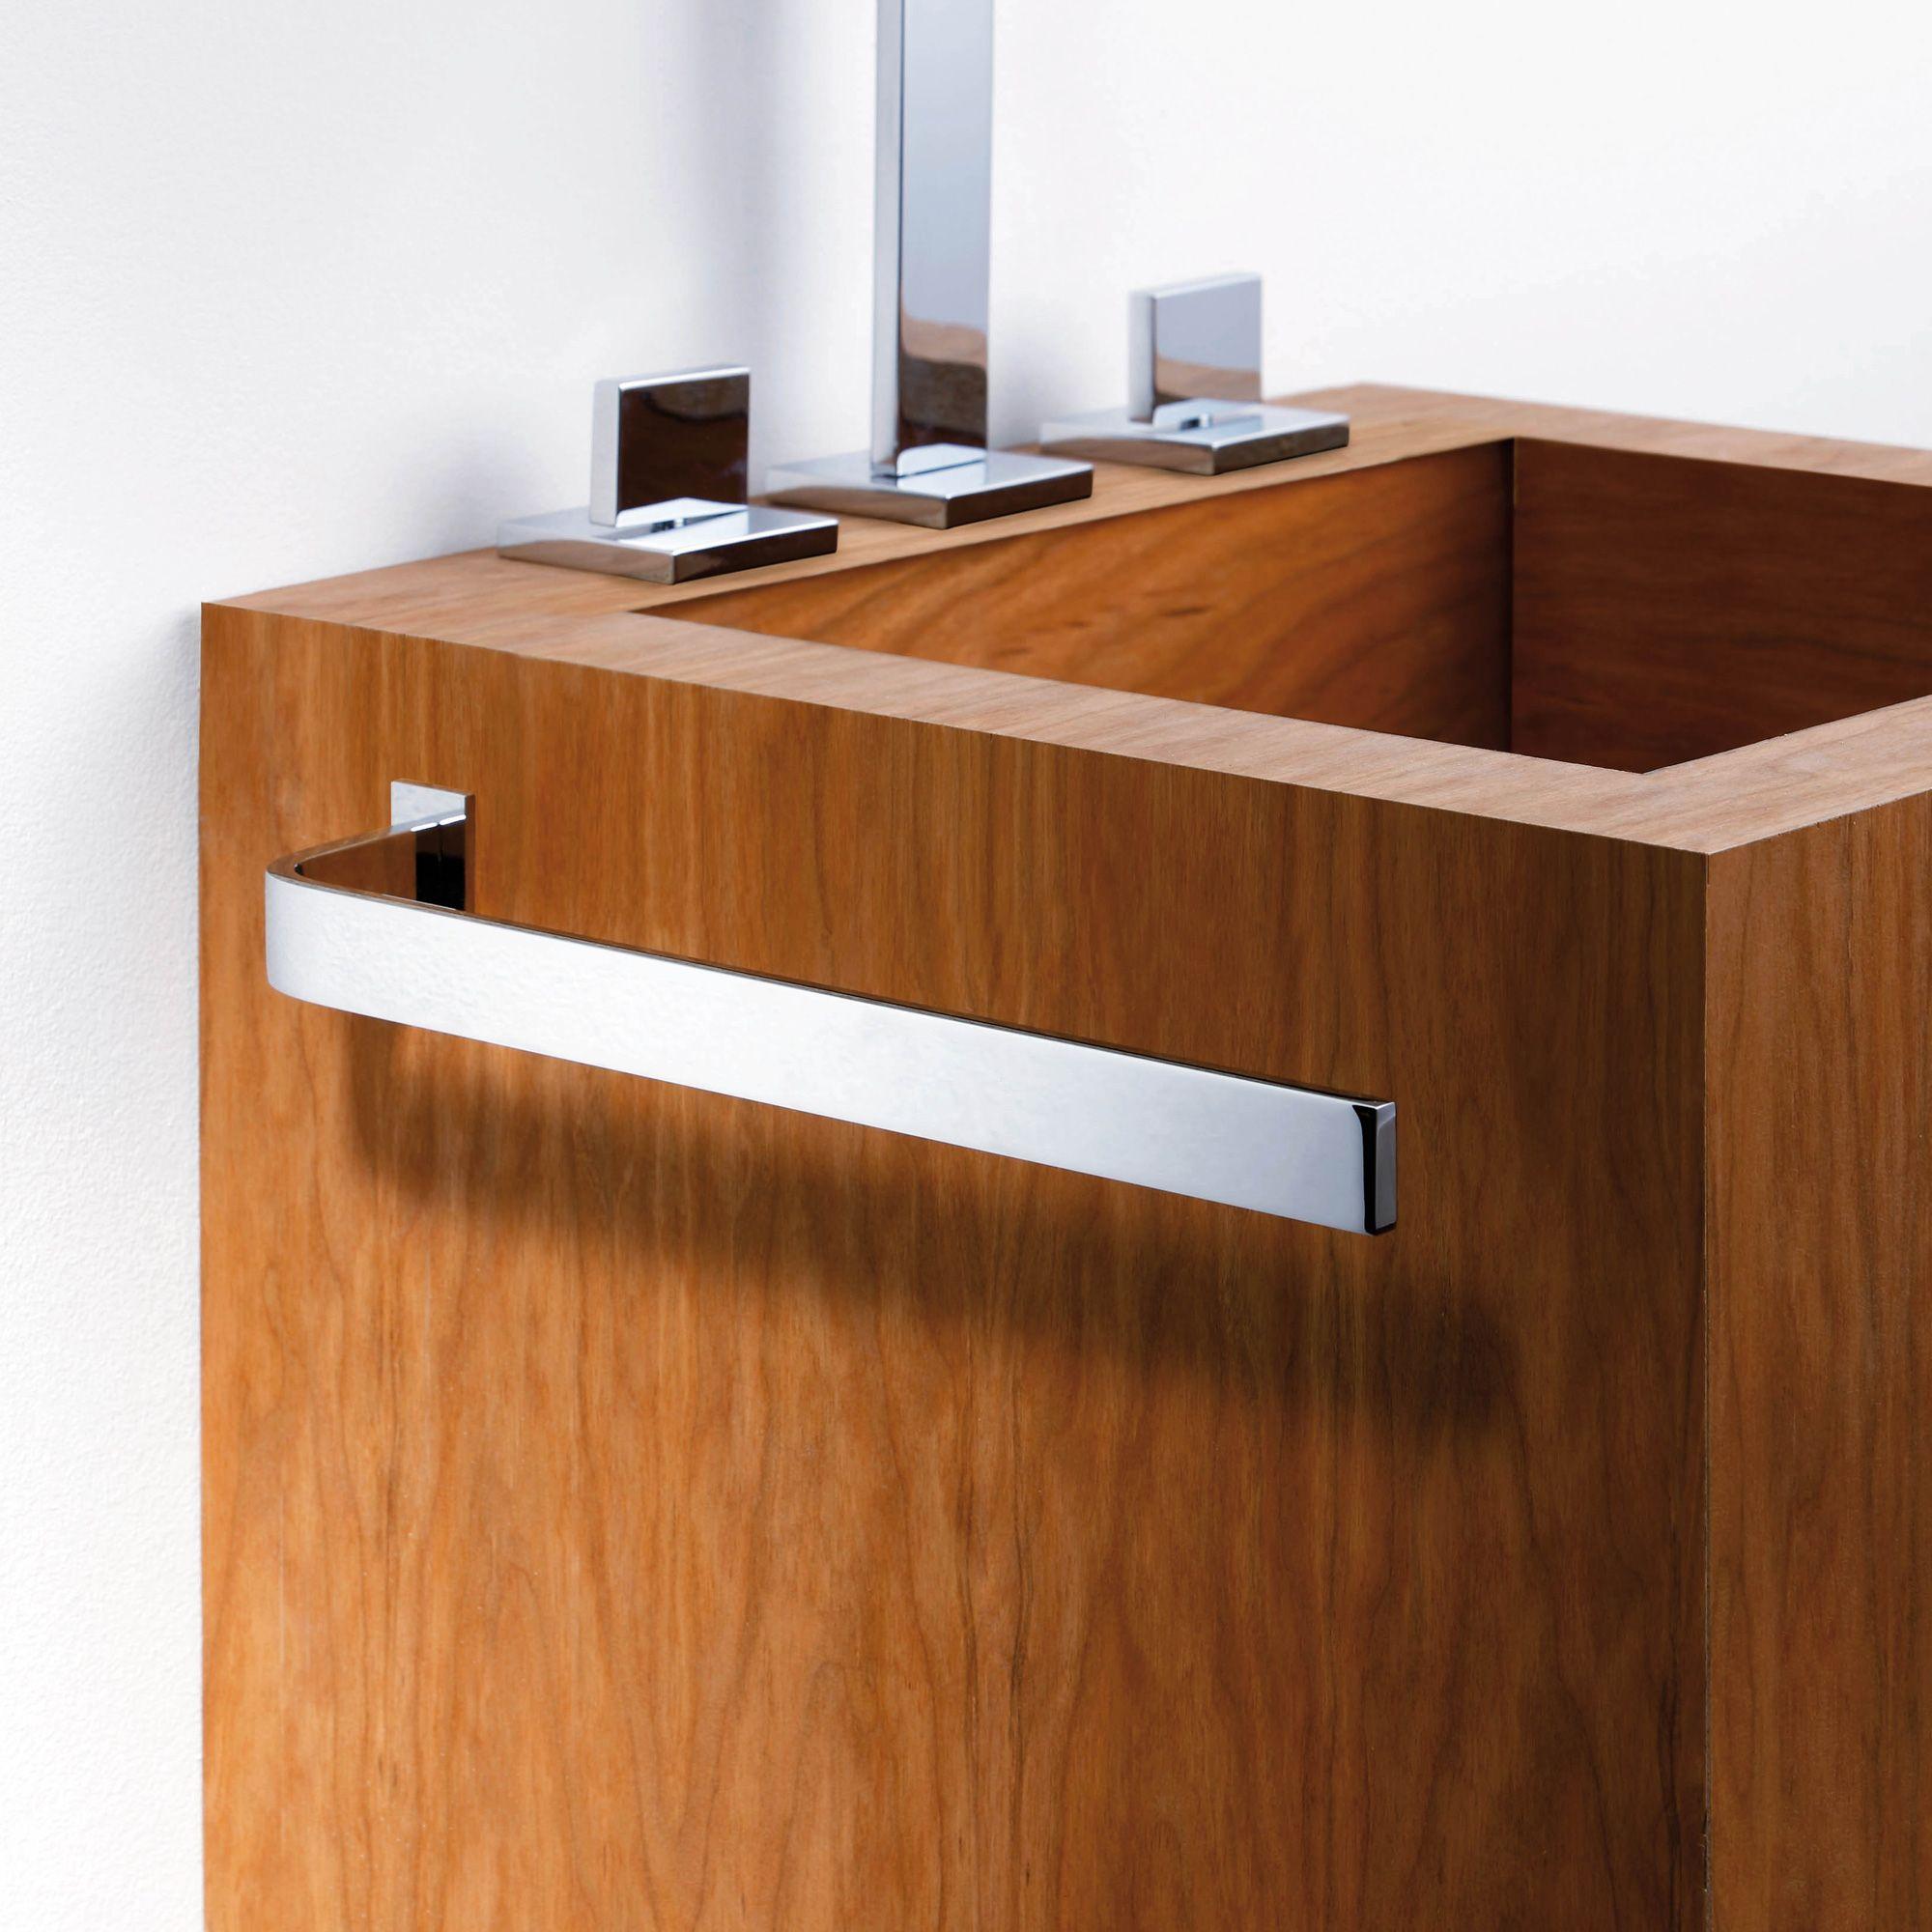 Badezimmer Deko Ohne Bohren: Giese Handtuchhalter Starre Ausführung